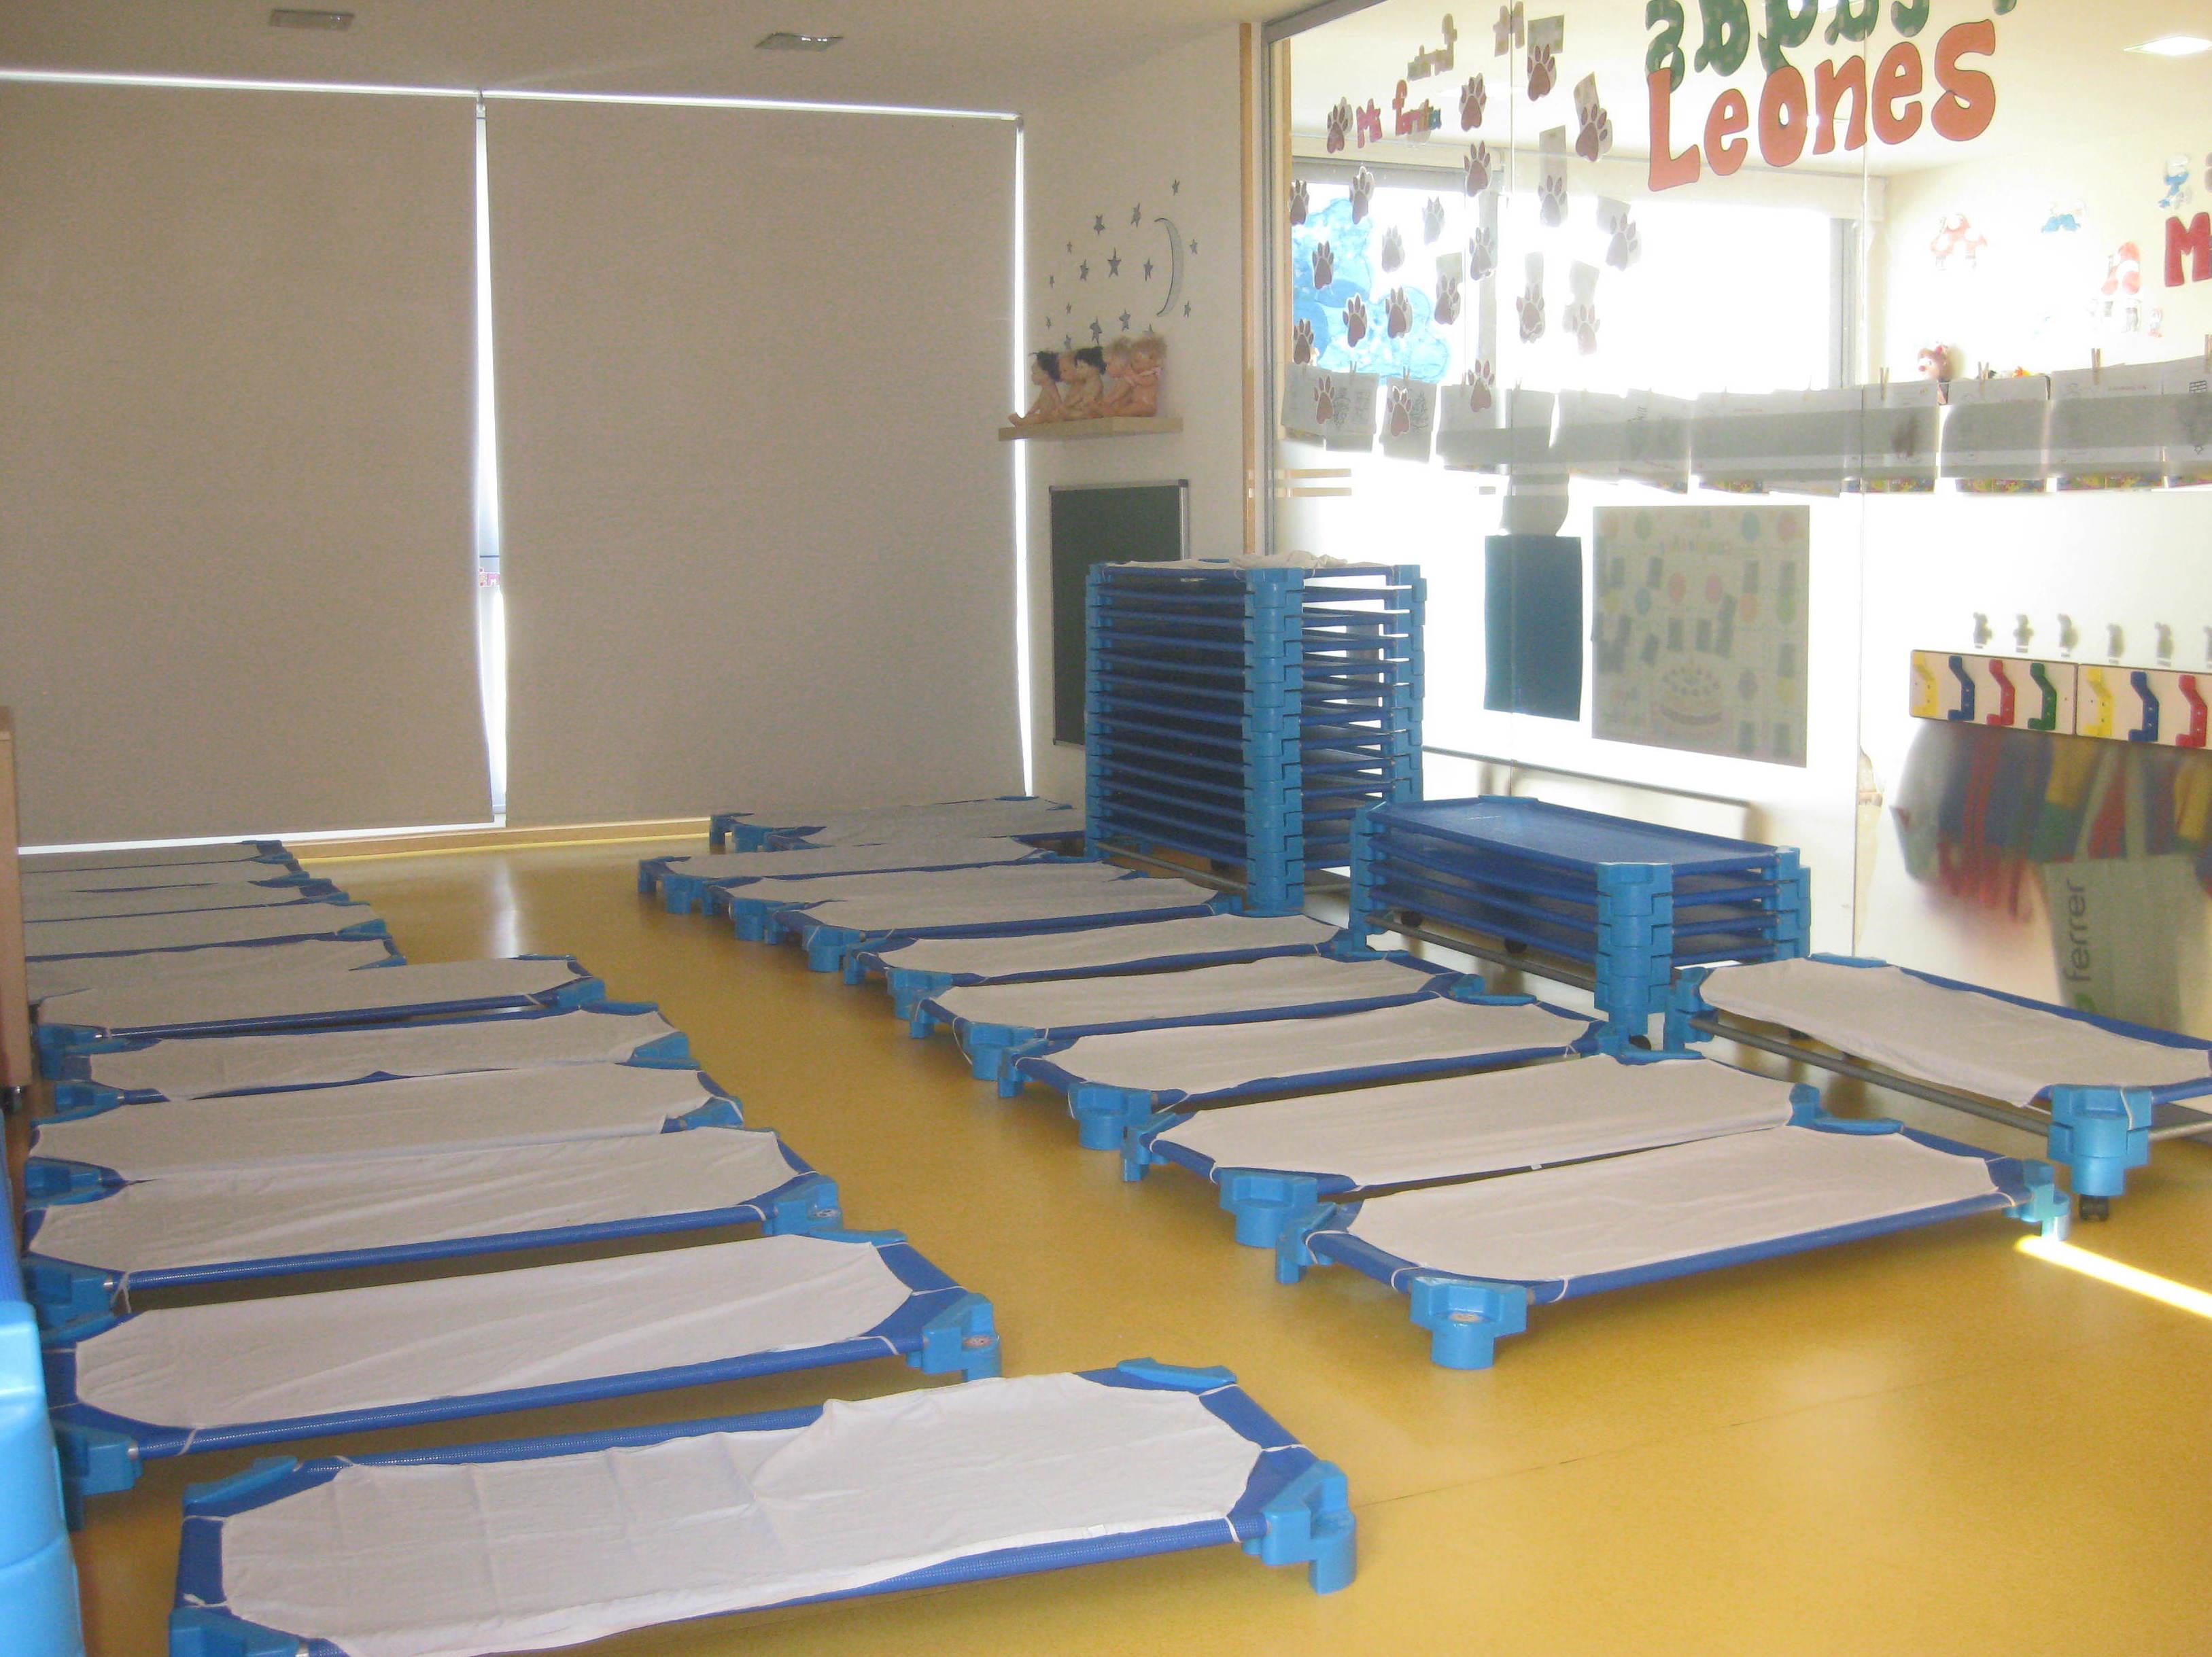 Instalaciones: Servicios que ofrecemos de Mascero Escuela Infantil